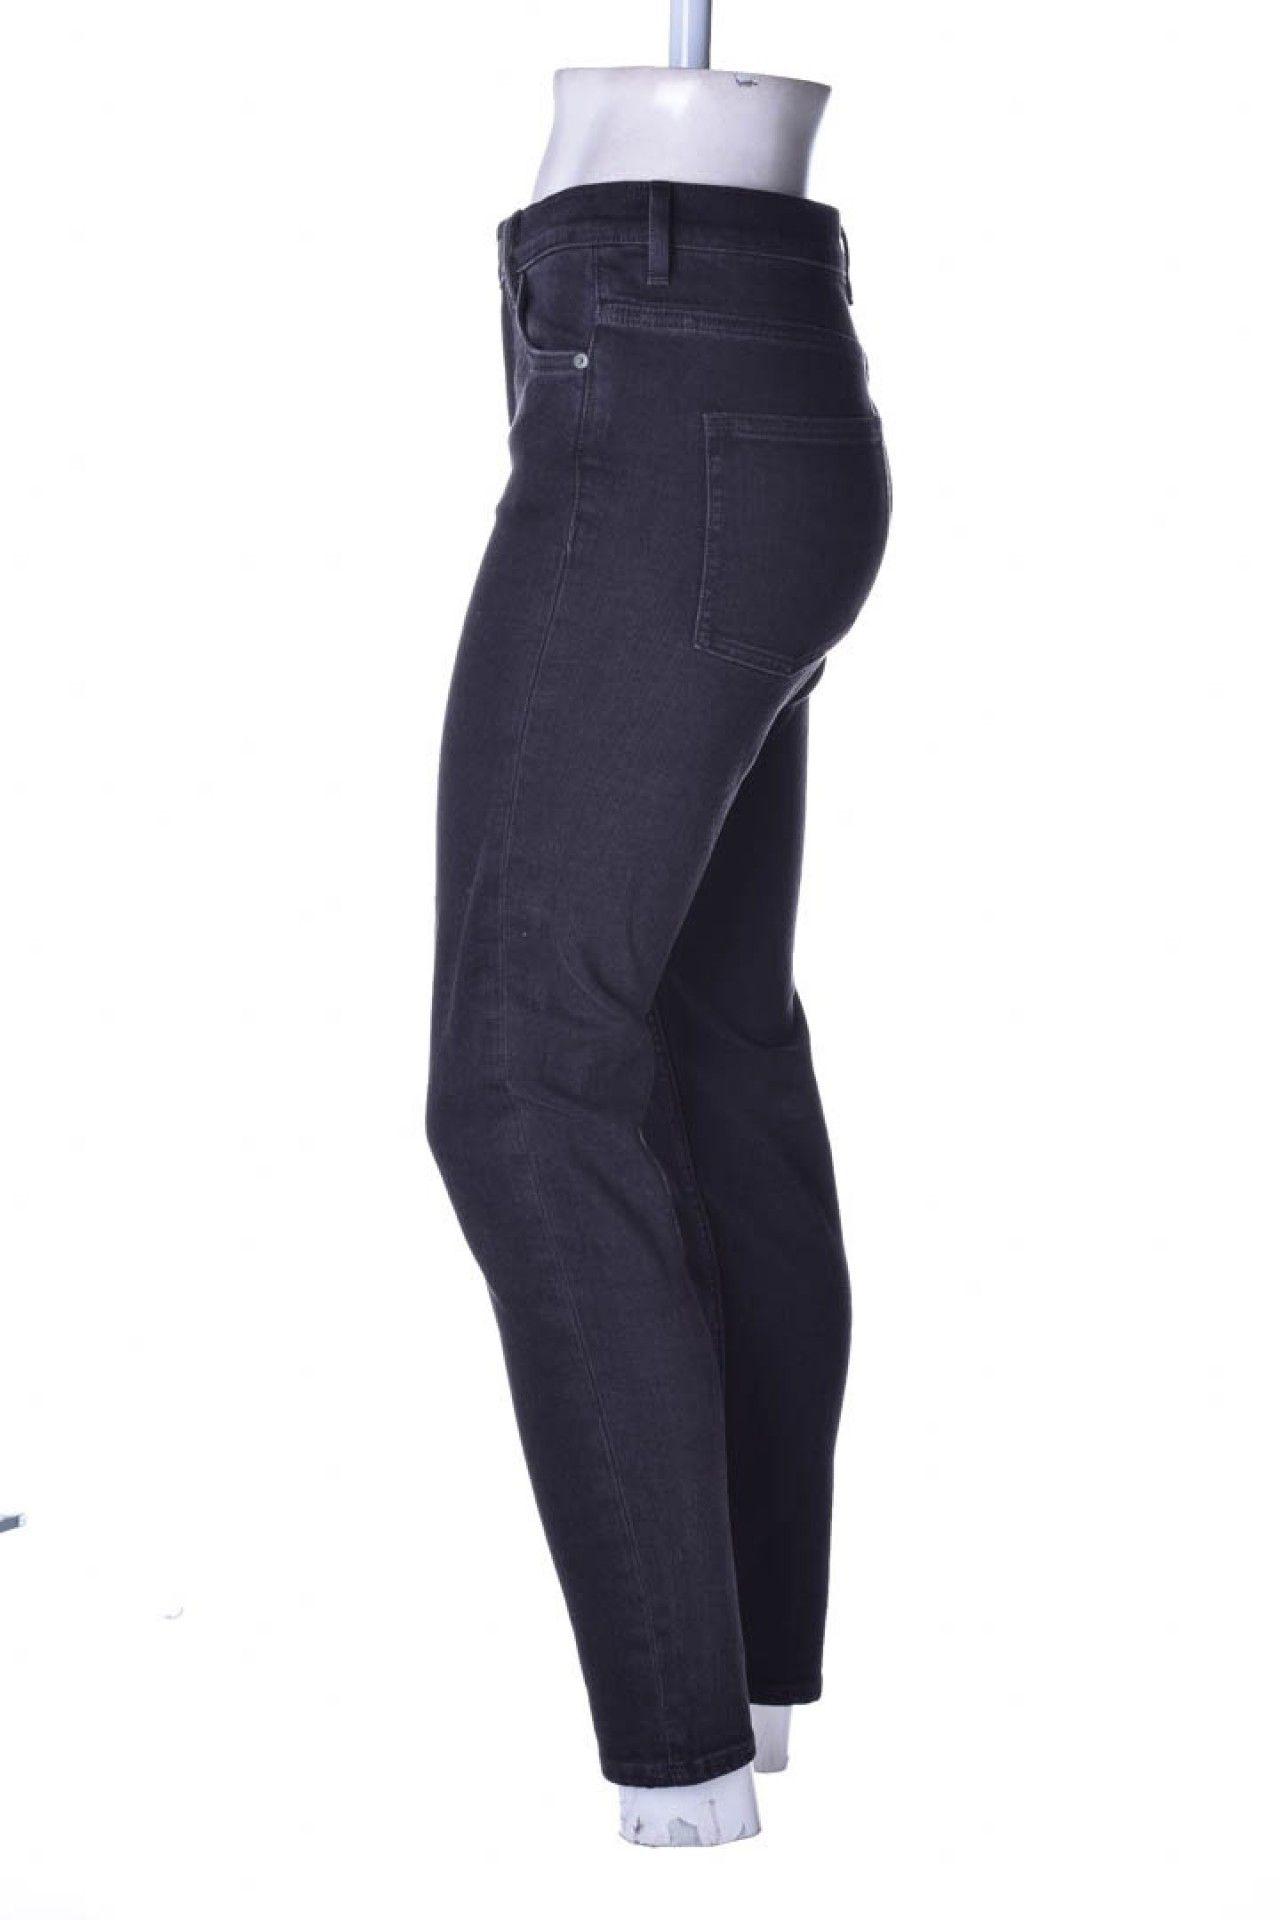 Cos - Calça Jeans Preta  - Foto 2